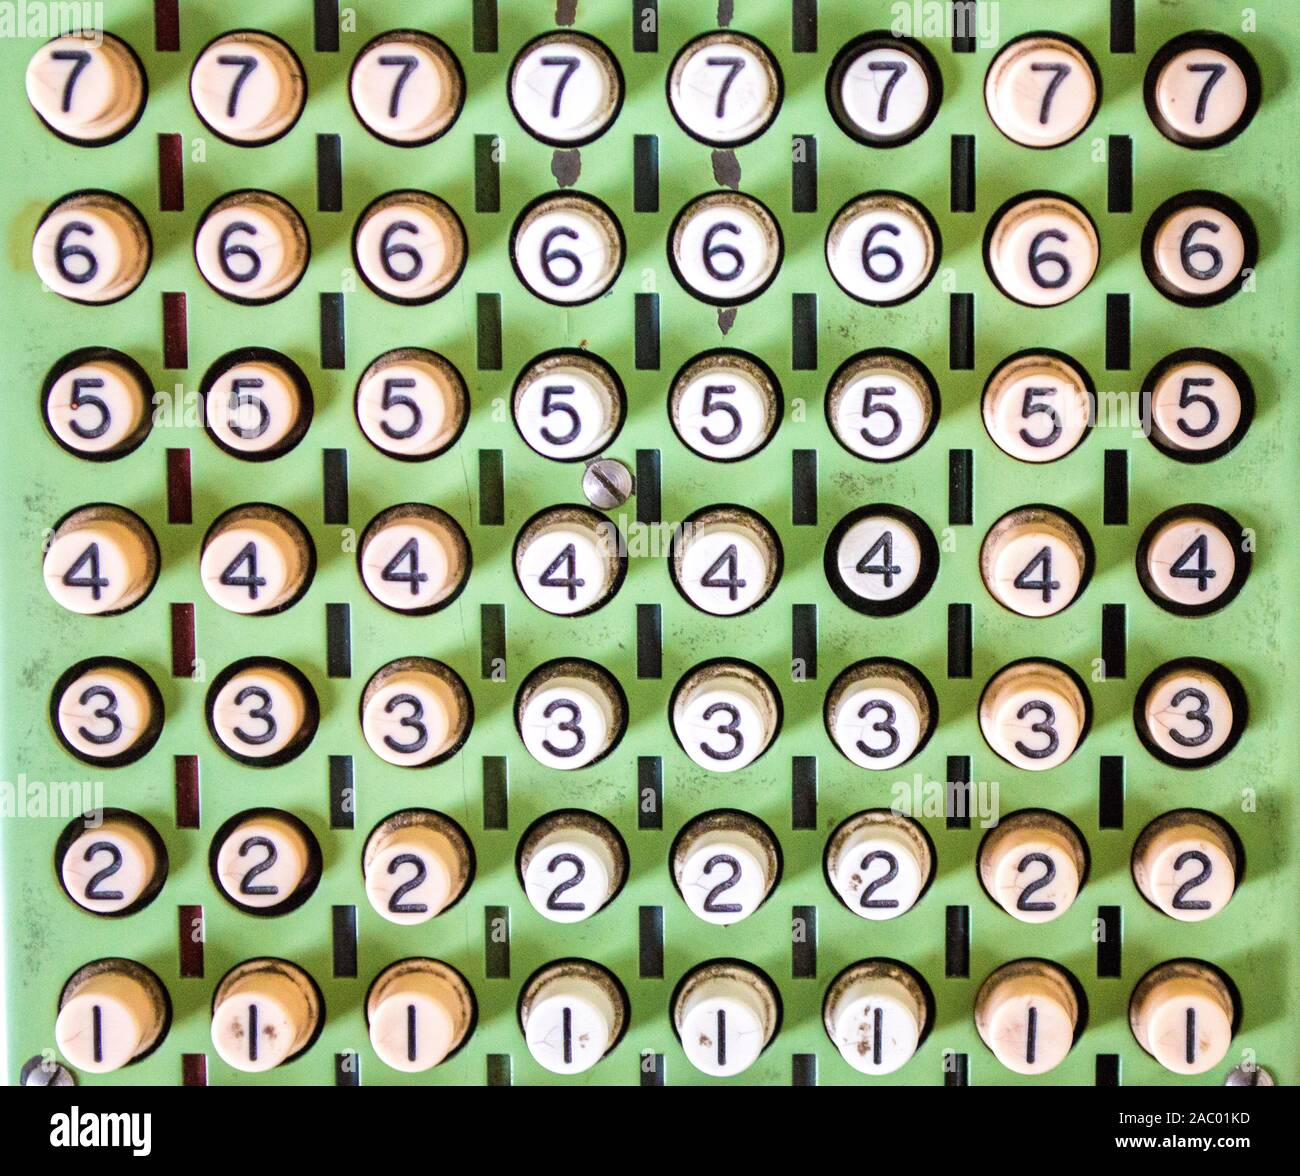 Fondo de pantalla - cierre de filas de teclas numéricas en una máquina de sumar vintage Foto de stock